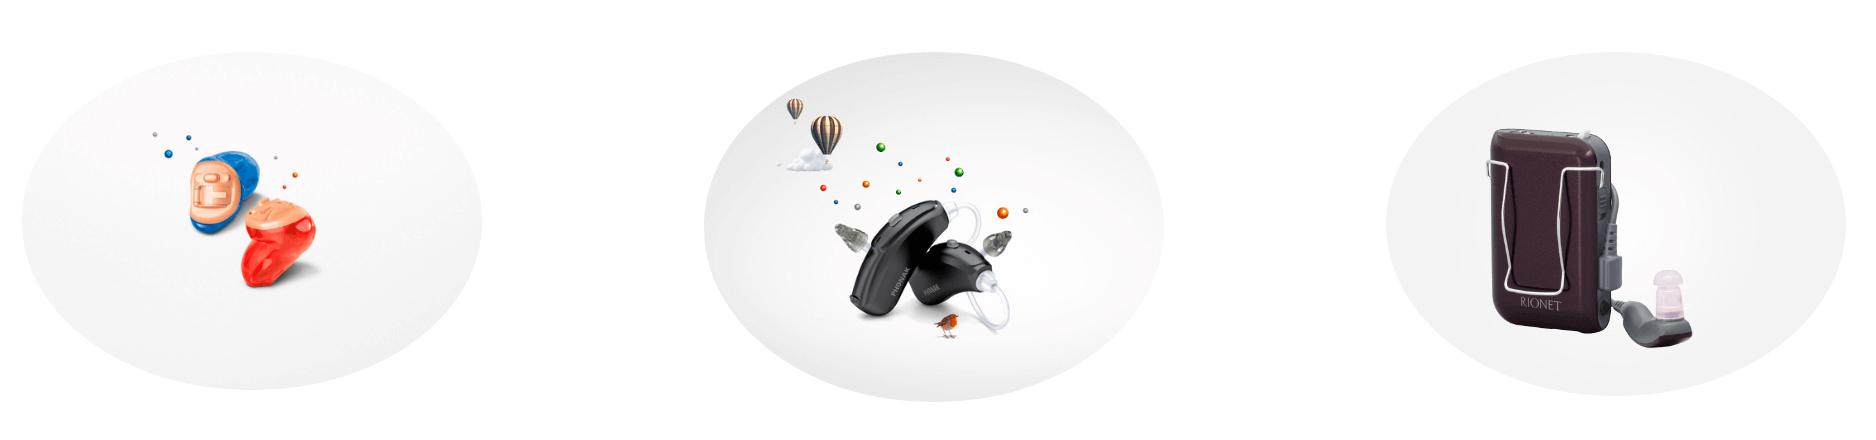 補聴器の形状には、主に三種類がある。この三種類の内、自分が求める物を選ぶ